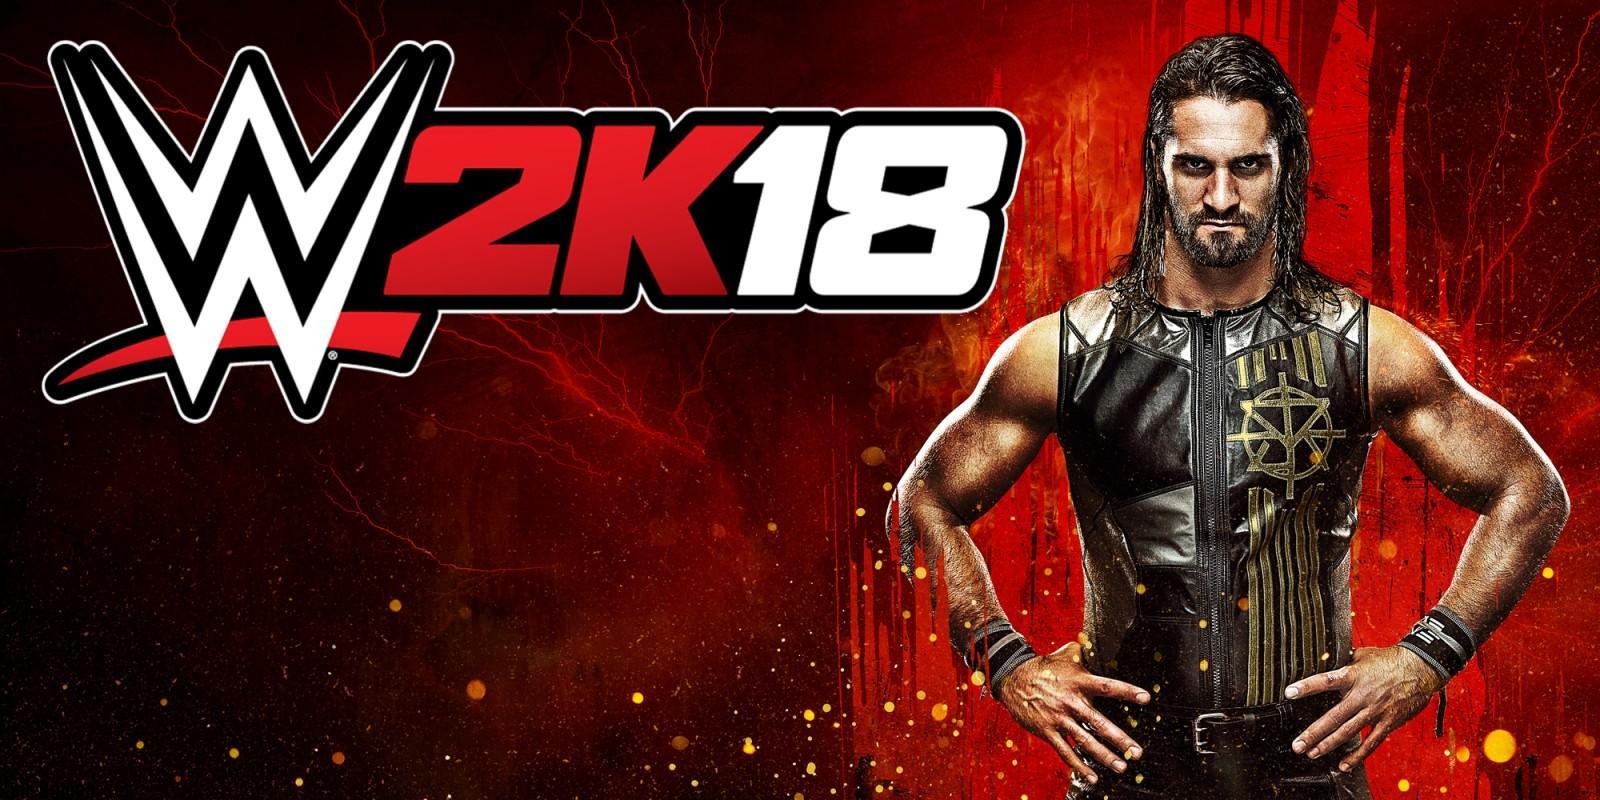 Tải game WWE 2k18 FULL PC miễn phí cực mới